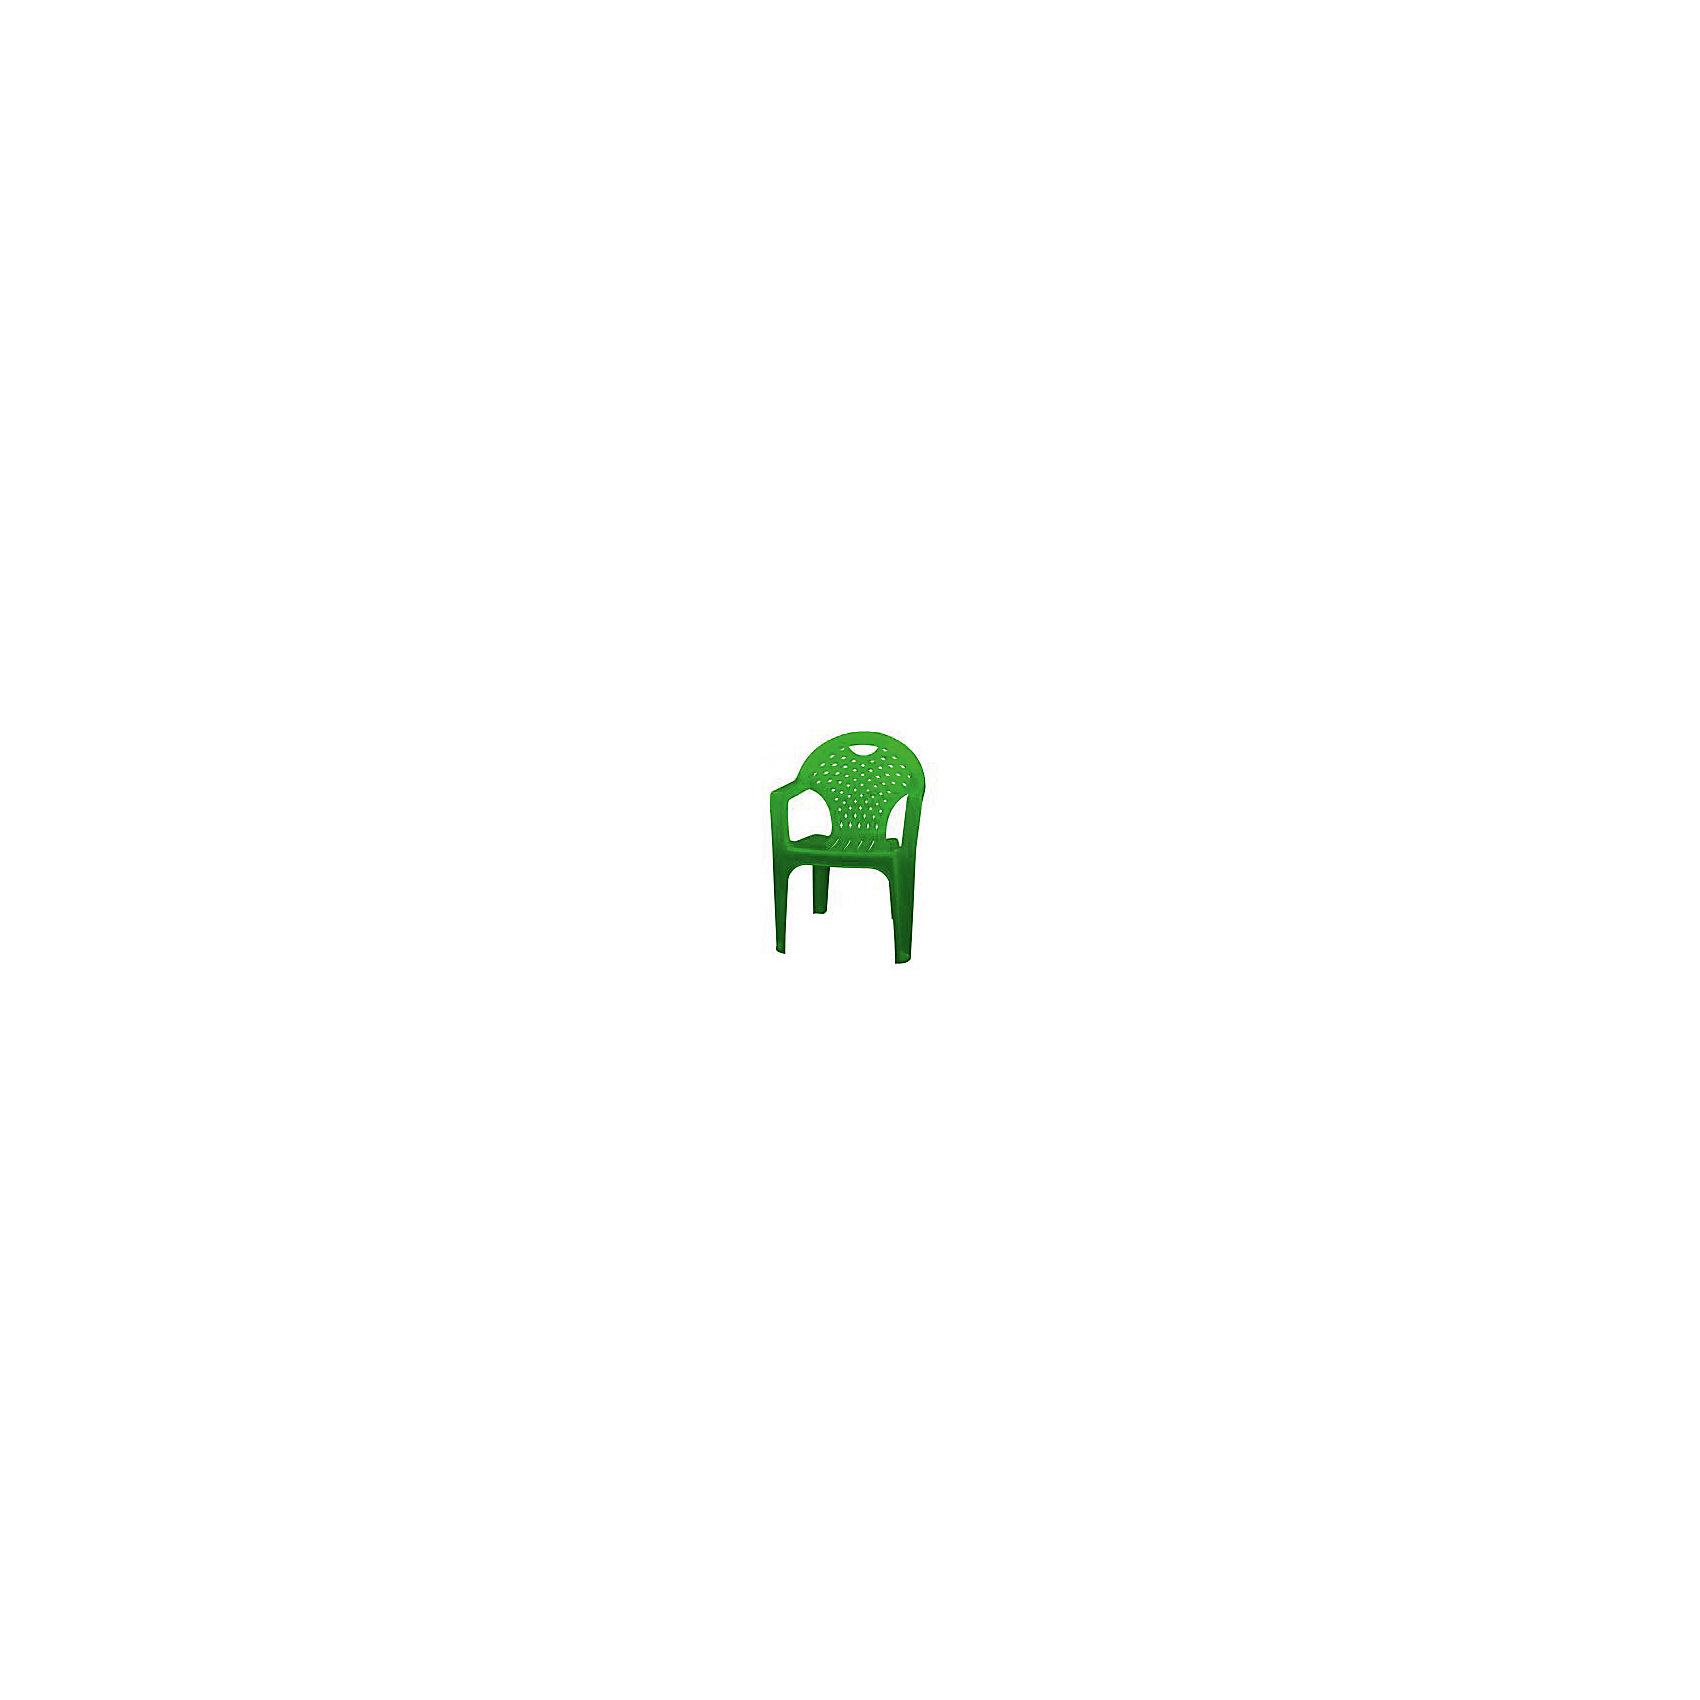 Кресло Эконом, AlternativaМебель<br>Кресло Эконом, Alternativa (Альтернатива)<br><br>Характеристики:<br><br>• цвет: зелёный<br>• яркий дизайн<br>• изготовлено из прочного пластика<br>• размер: 58,5х54х80 см<br>• вес: 1,95 кг<br><br>Кресло Эконом - отличный вариант для тех, кто любит отдыхать с комфортом и без лишних затрат. Кресло имеет удобное сидение с углублением и две ручки. Изделие выполнено из прочного износостойкого пластика. Кресло легко очищается благодаря удобной конструкции.<br><br>Кресло Эконом, Alternativa (Альтернатива) вы можете купить в нашем интернет-магазине.<br><br>Ширина мм: 700<br>Глубина мм: 1000<br>Высота мм: 1550<br>Вес г: 1950<br>Возраст от месяцев: 216<br>Возраст до месяцев: 1188<br>Пол: Унисекс<br>Возраст: Детский<br>SKU: 5475647